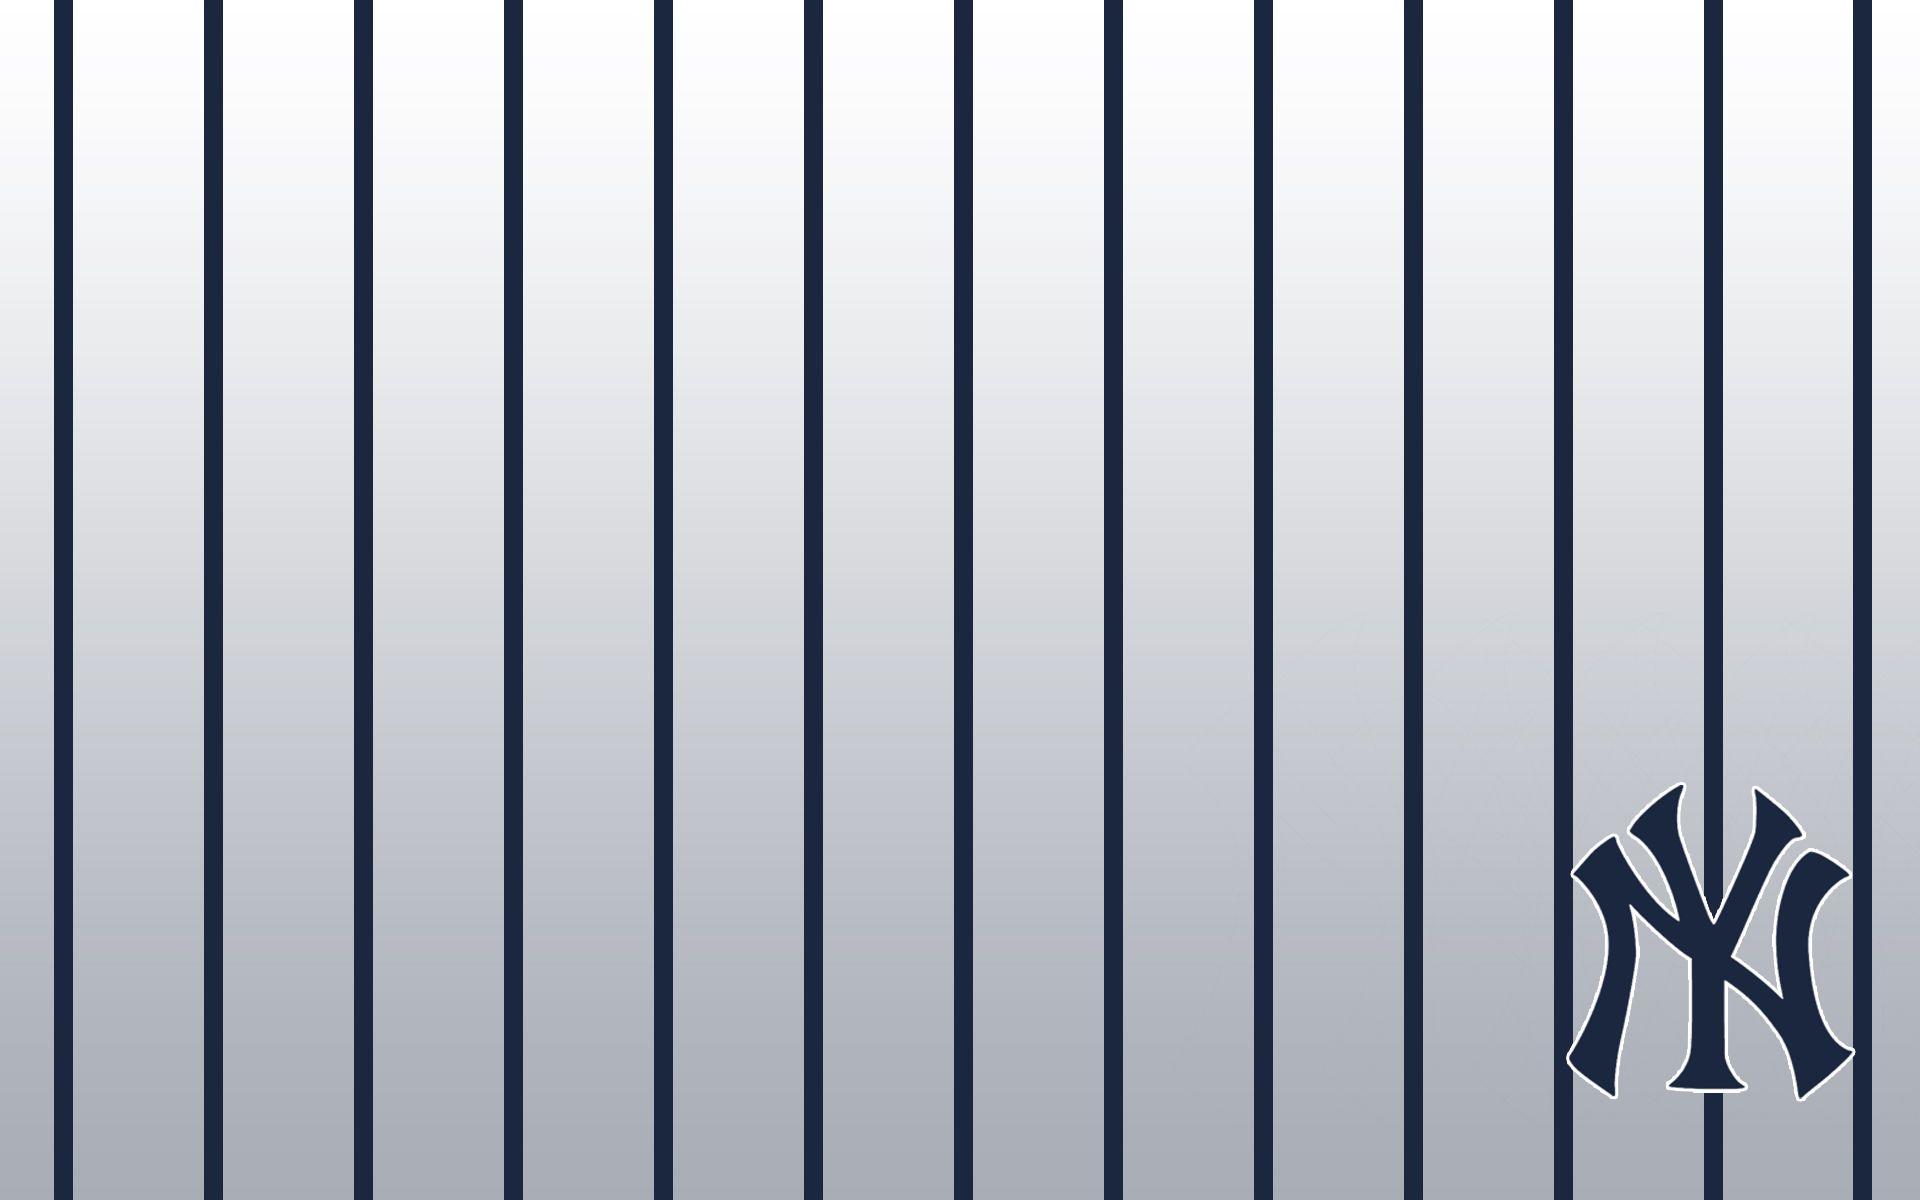 New York Yankees Wallpaper New York Yankees Stadium Wallpaper Yankees Logo